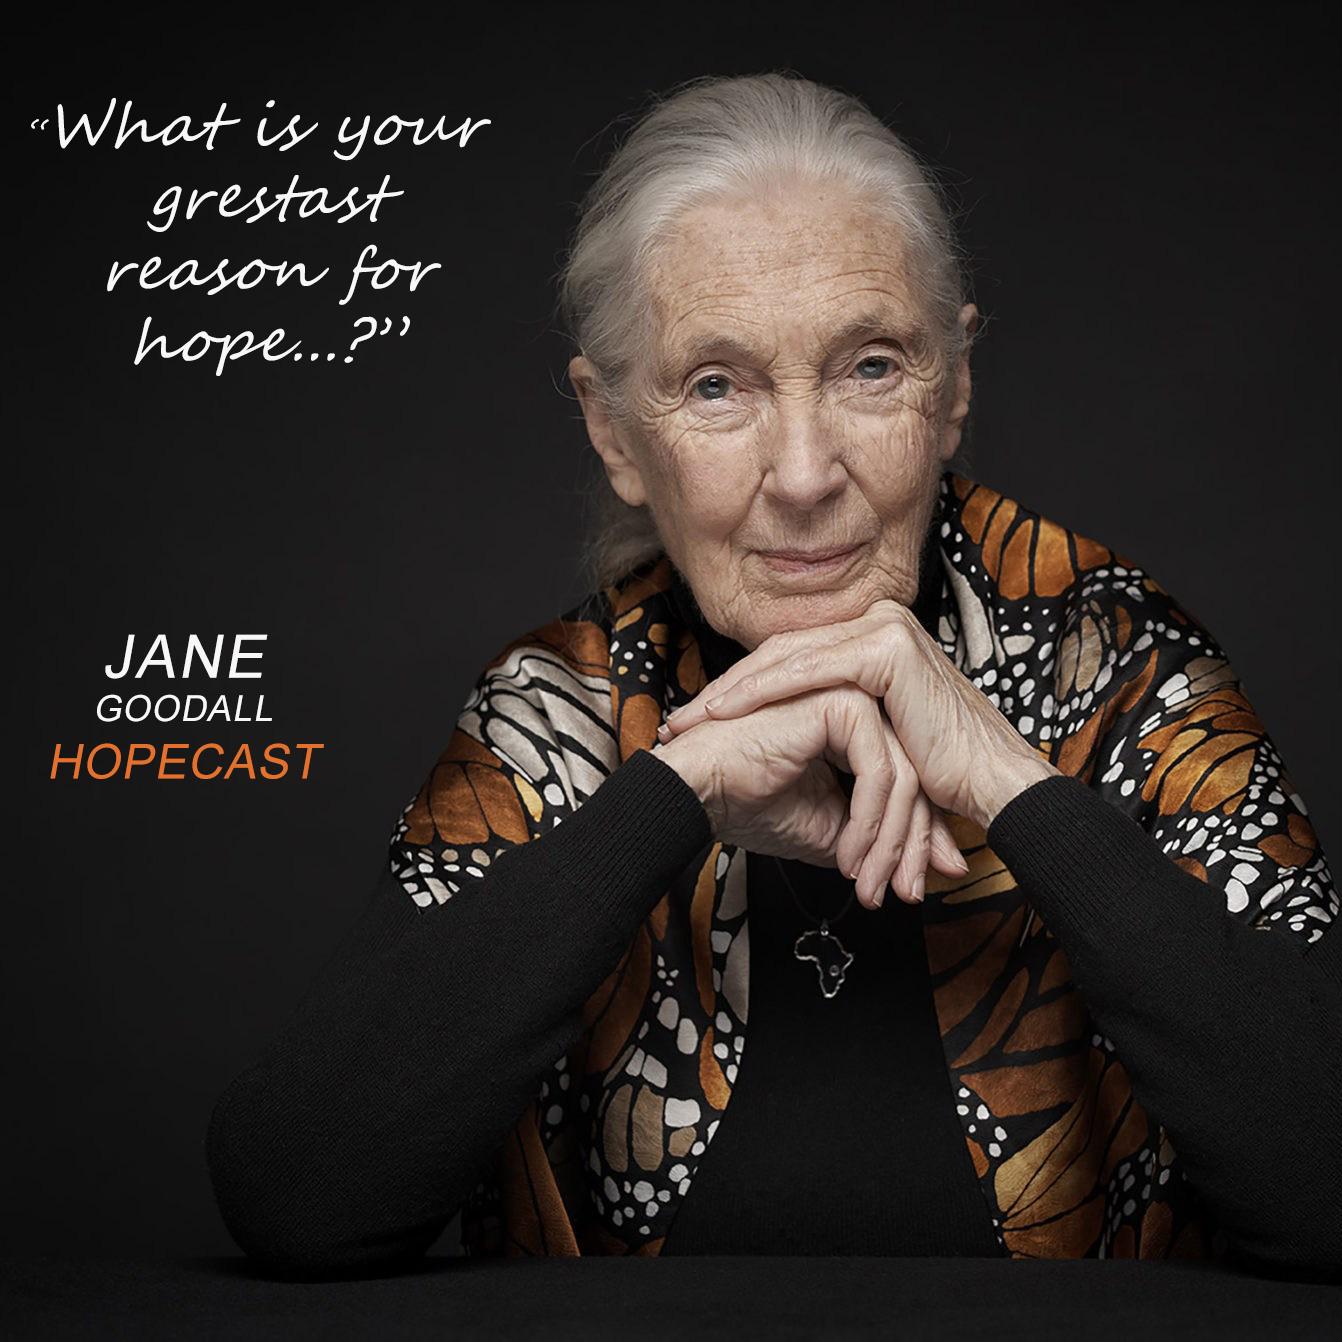 Dr. Jane Goodall: Dr. Jane Goodall Podcast